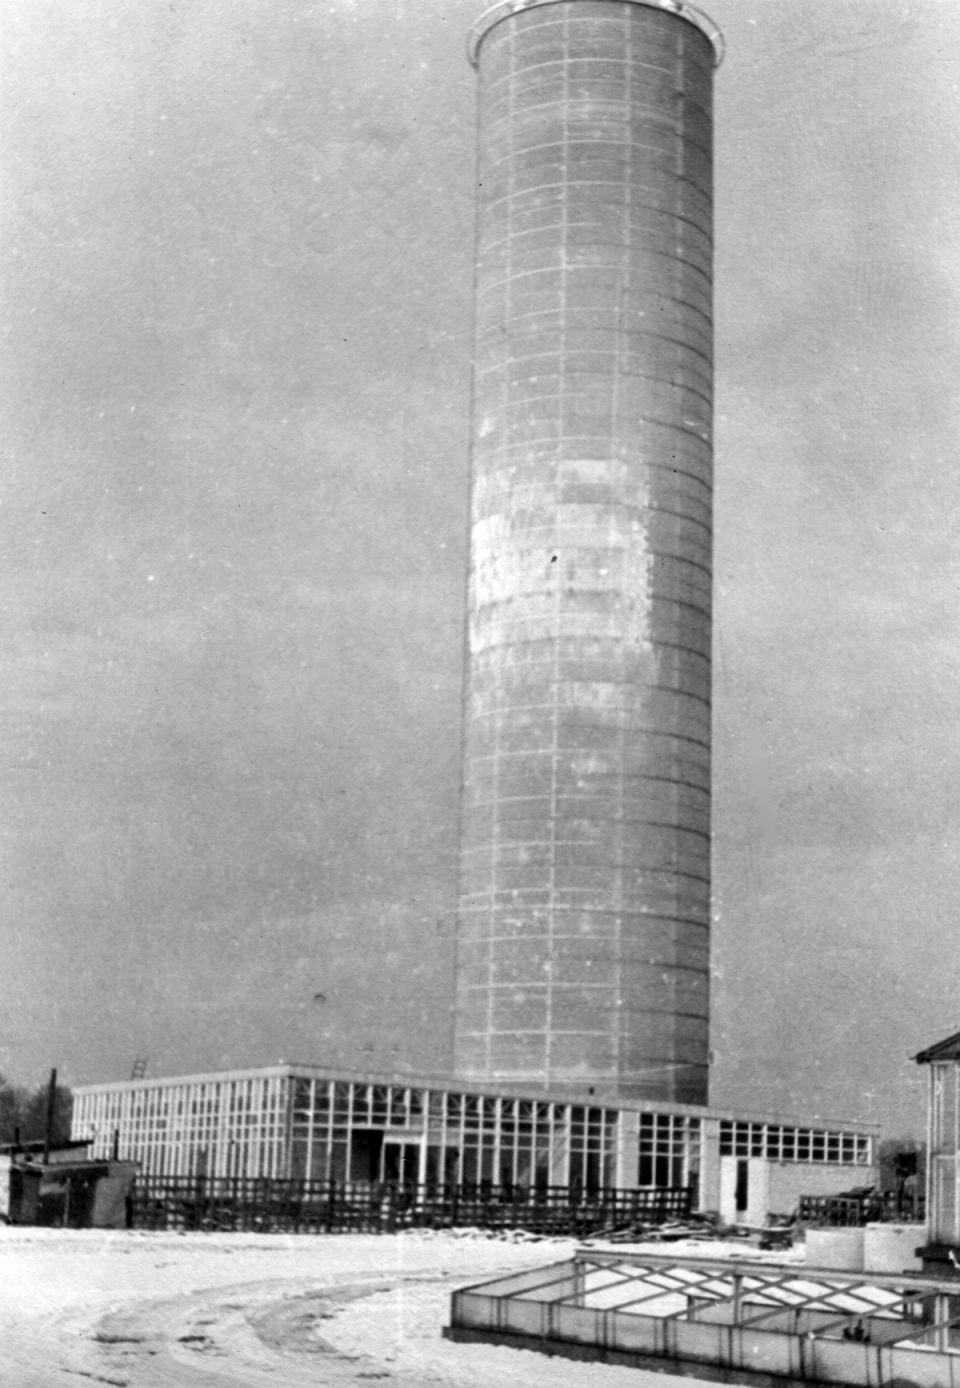 Zdjęcie numer 6 w galerii - Dzięki niezwykłej budowli o Chorzowie usłyszała cała Polska [ZDJĘCIA]